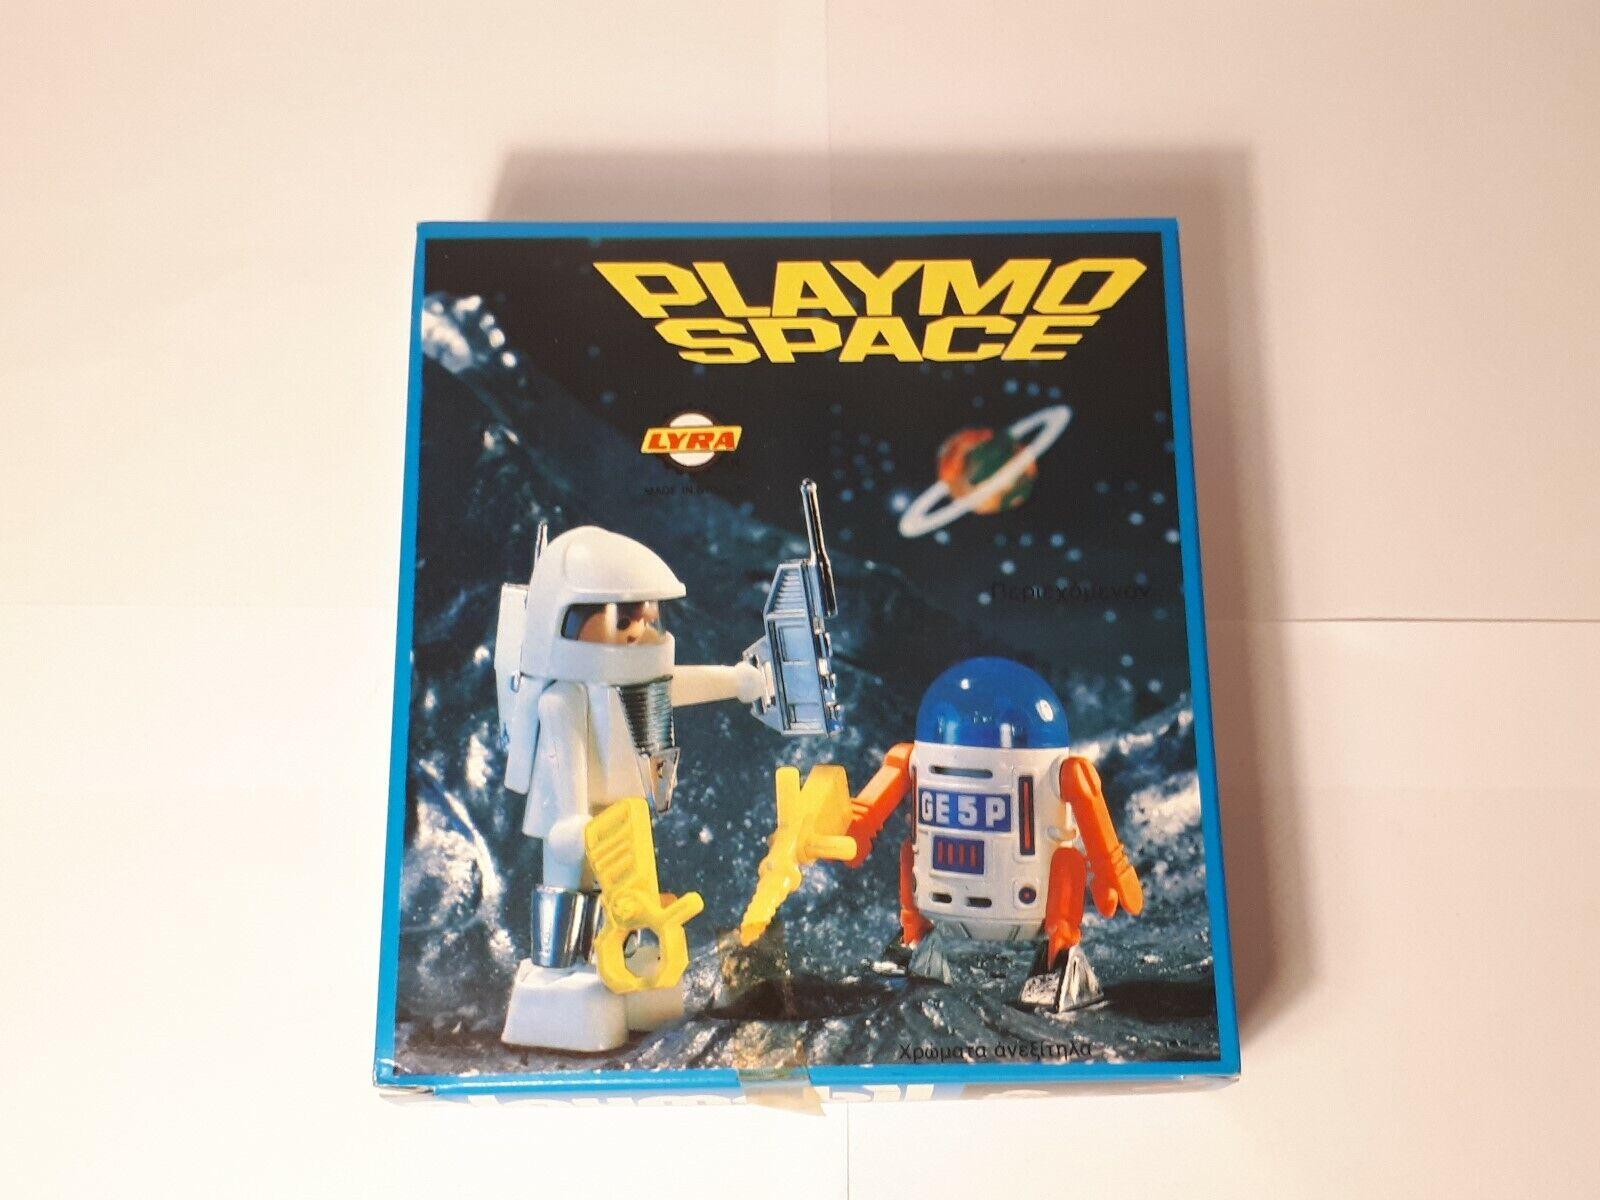 Playmobil LYRA - PLAYMO SPACE - no. 3591